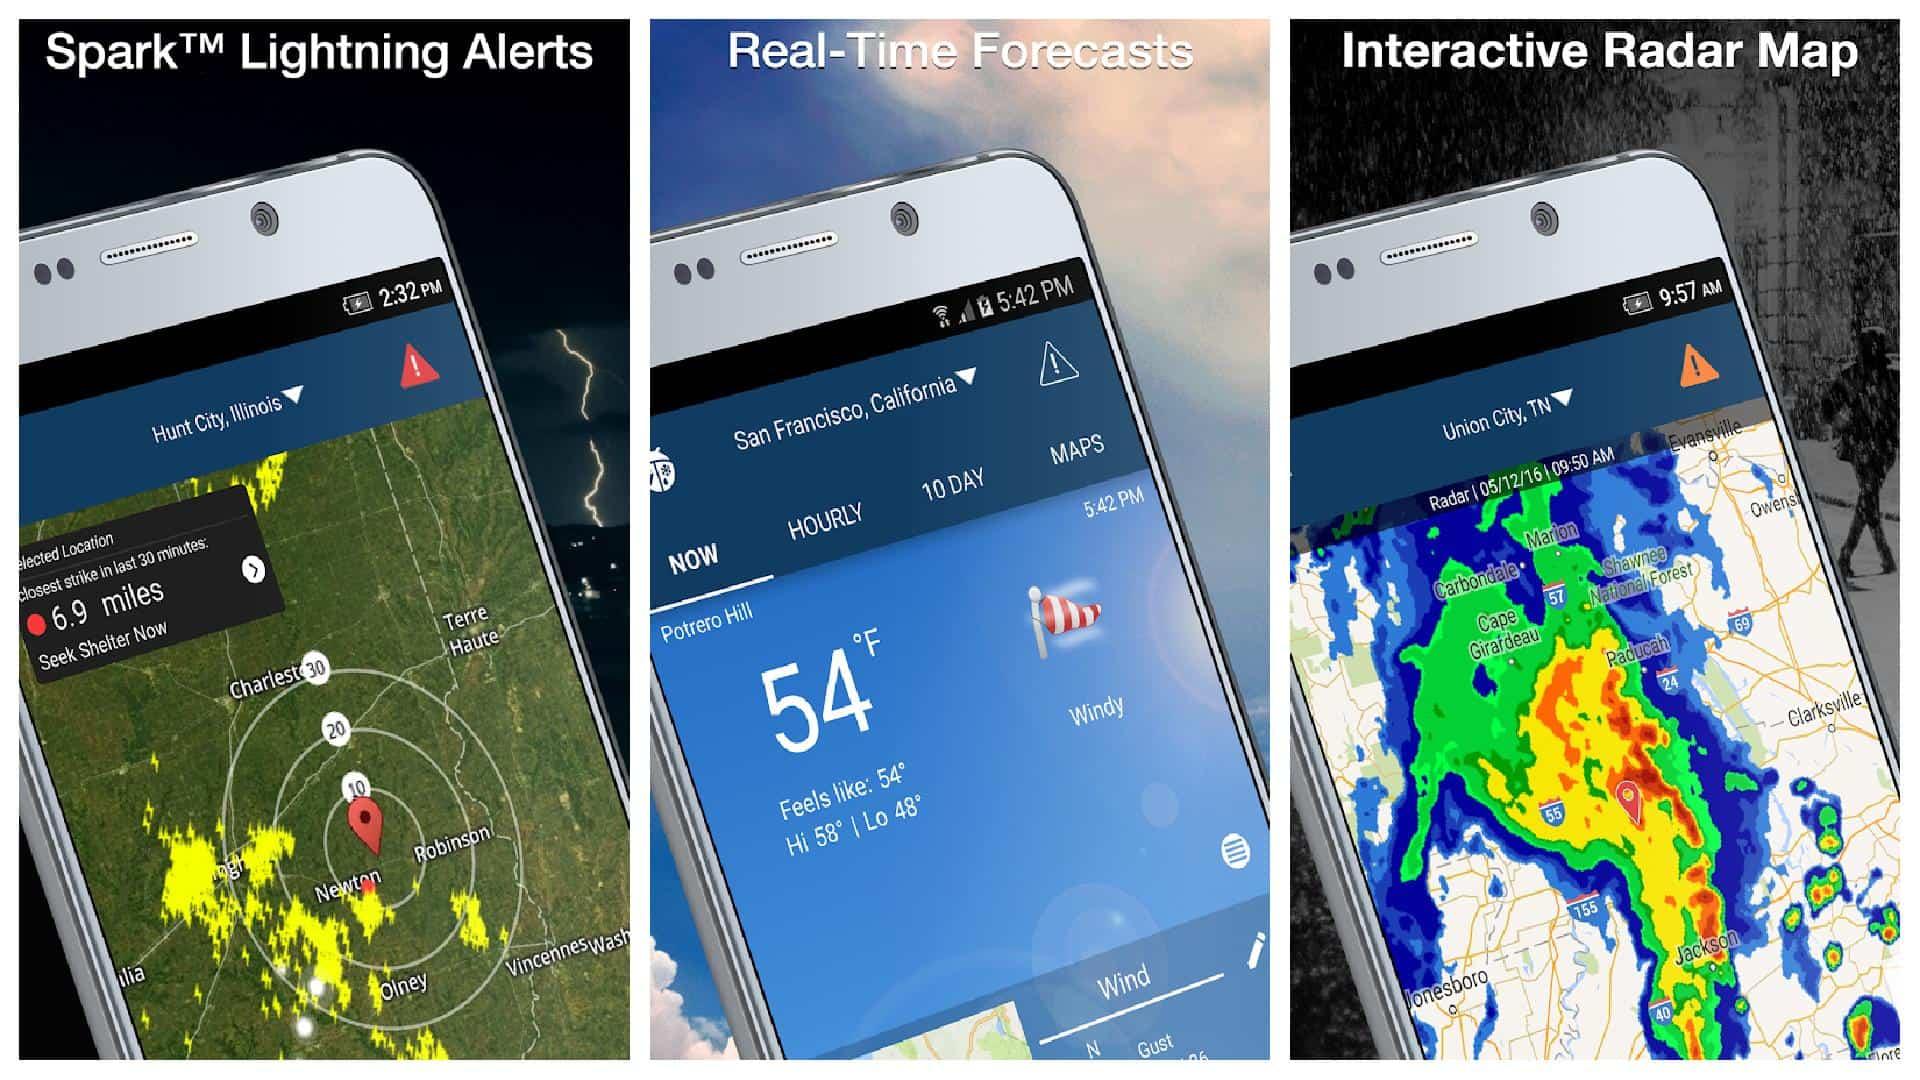 WeatherBug app grid image